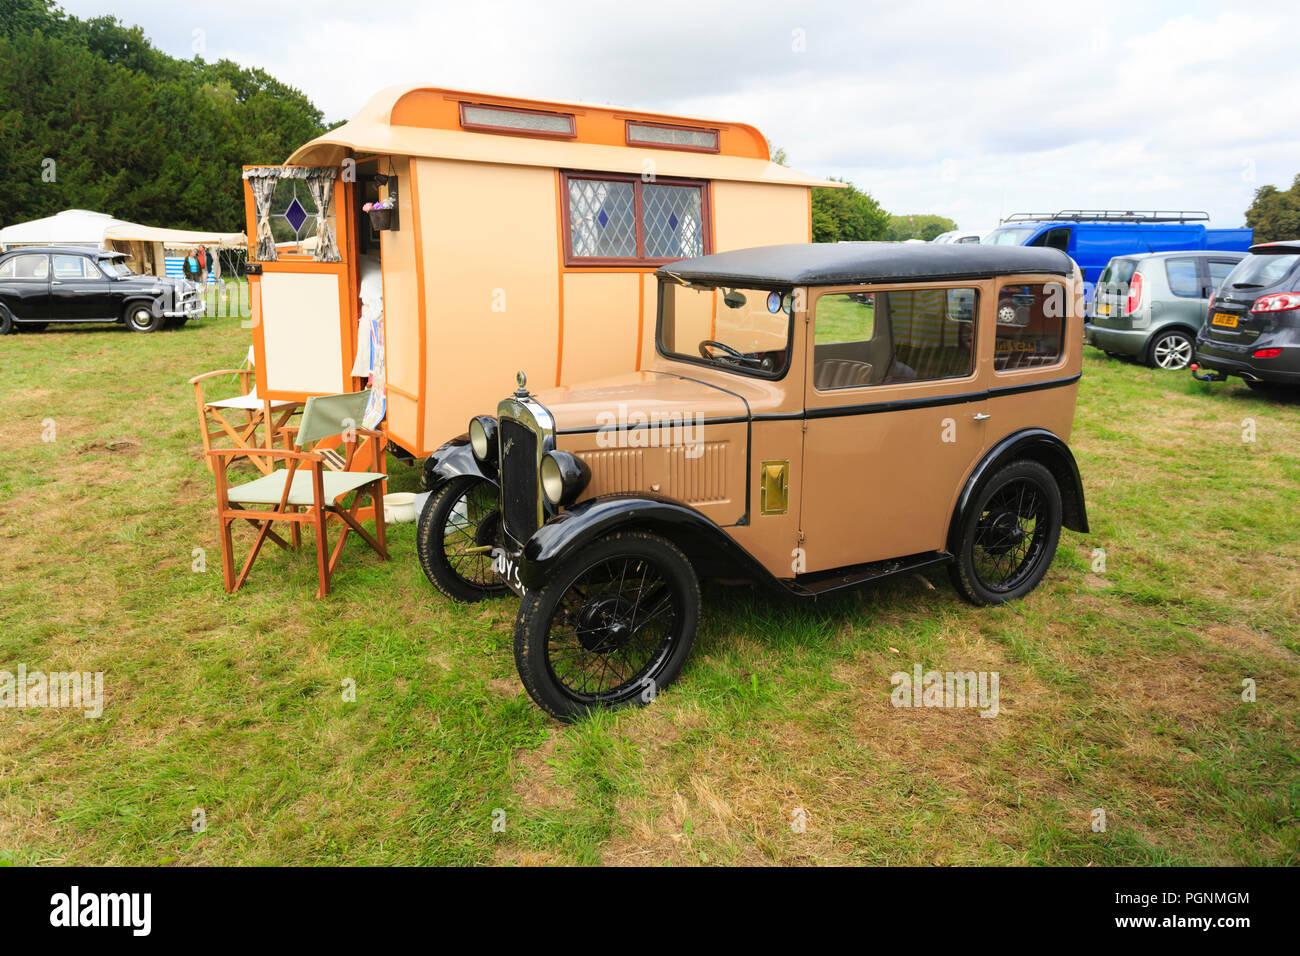 austin-seven-car-with-old-caravan-at-a-l